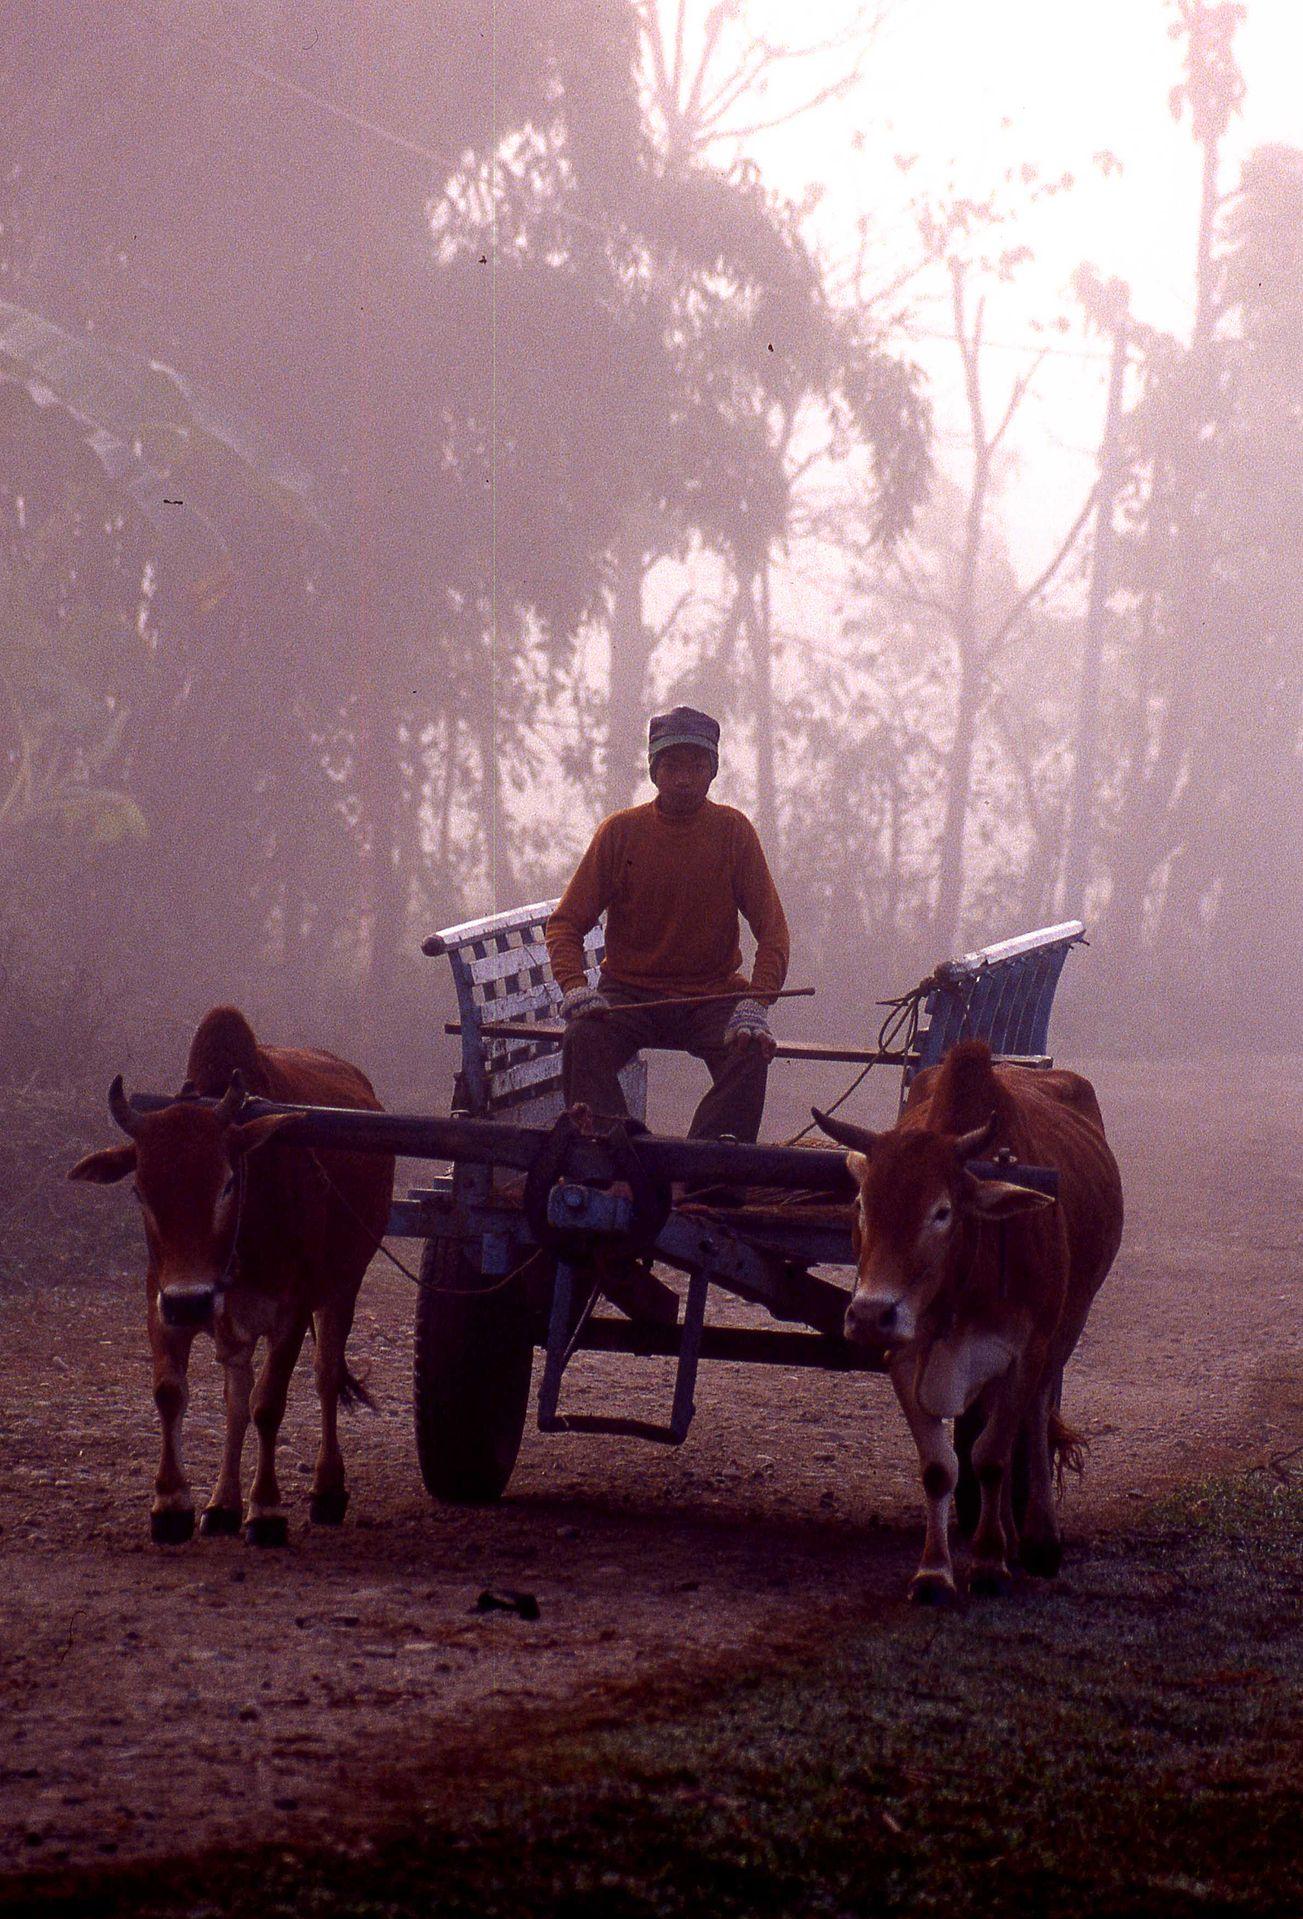 ネパールの世界遺産!美しくて感動するネパールの絶景リストまとめ